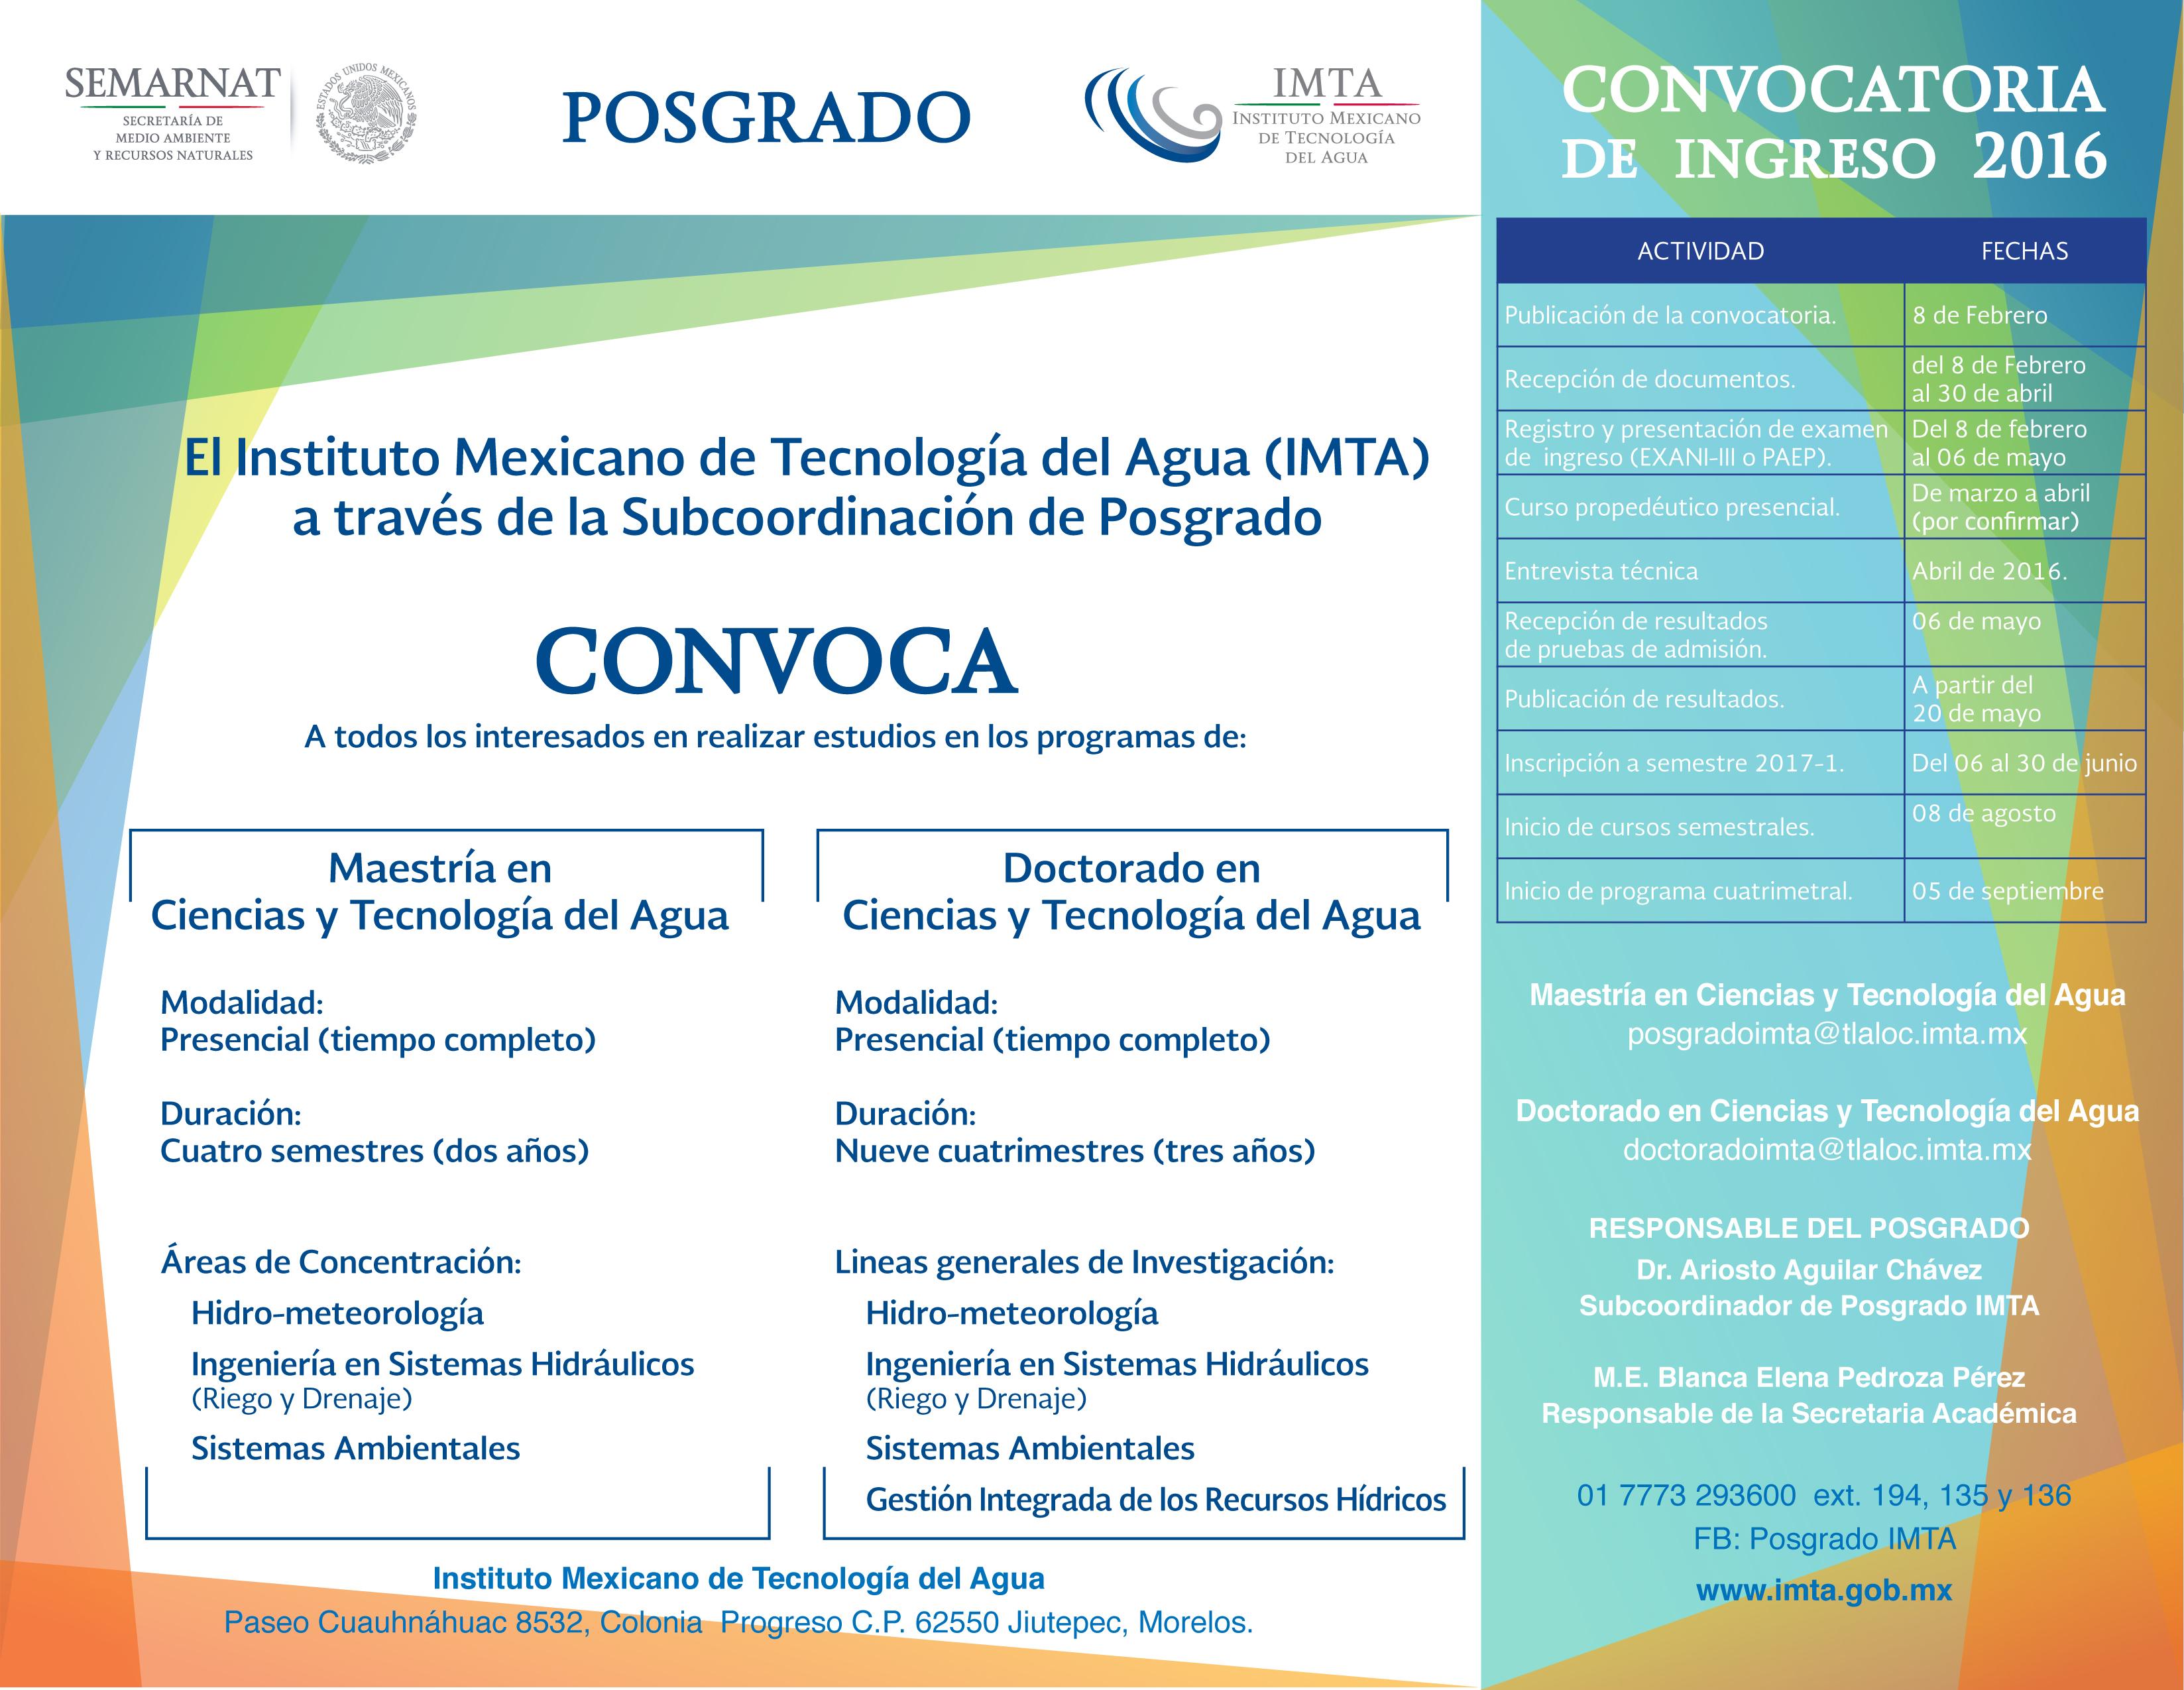 Convocatoria para talara 2016 convocatoria 2016 161 for Convocatoria docente 2016